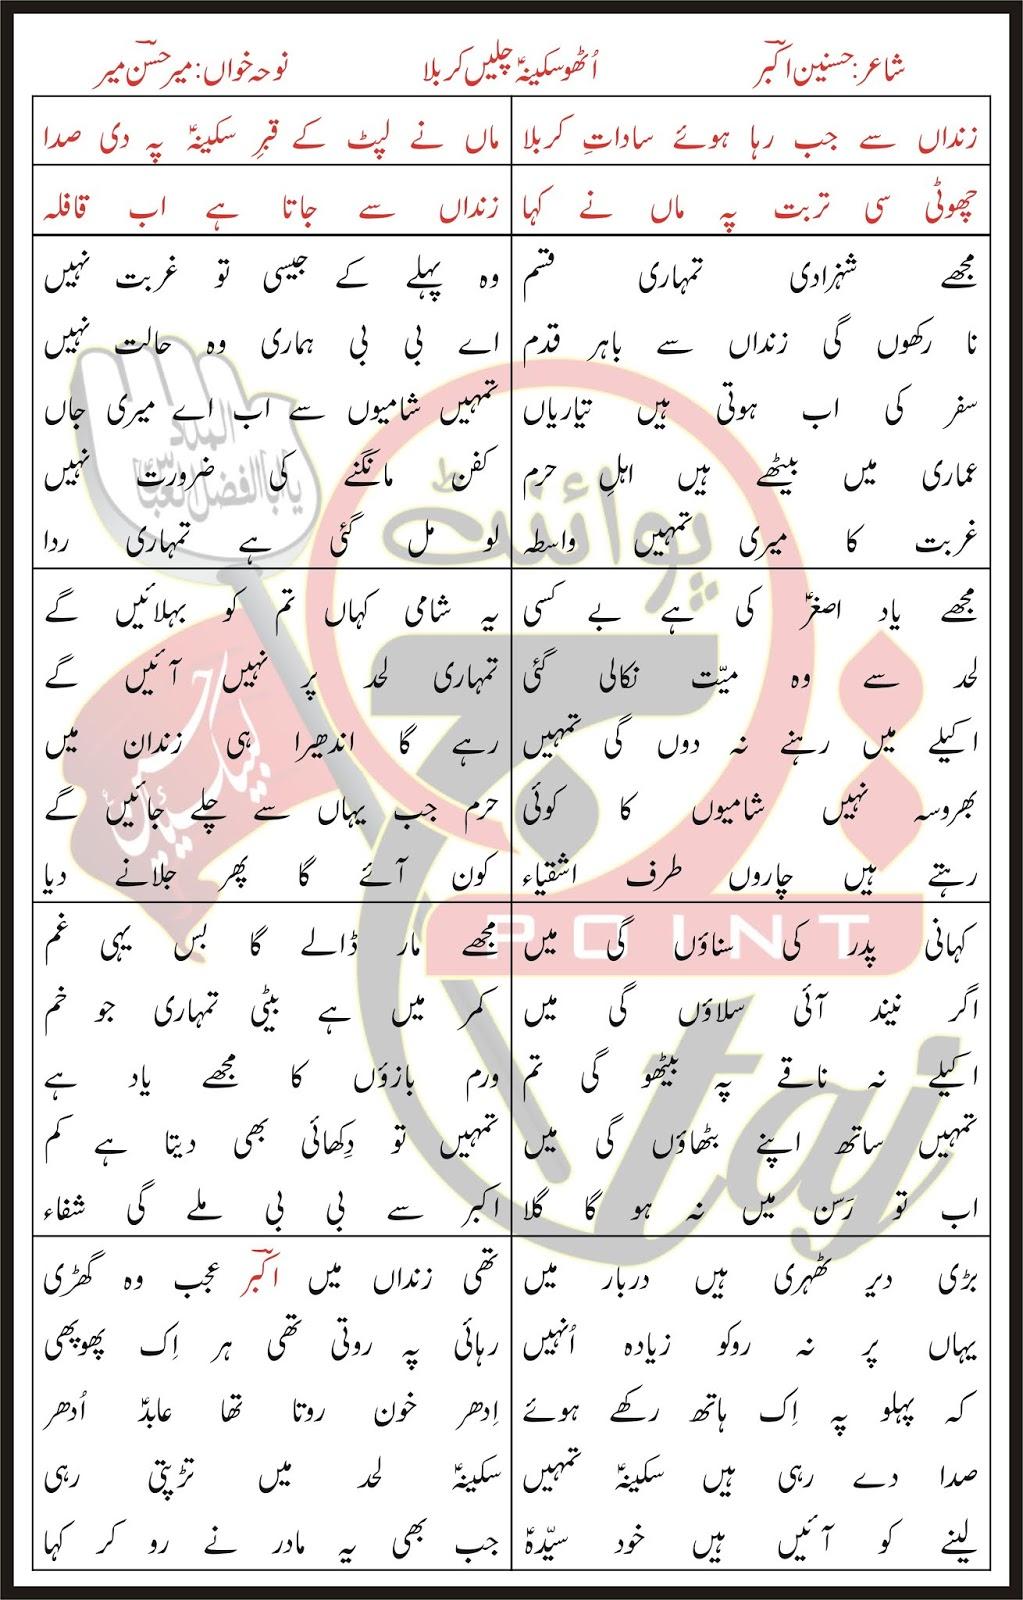 Utho Sakina Chalein Karbala Lyrics In Urdu and Roman Urdu